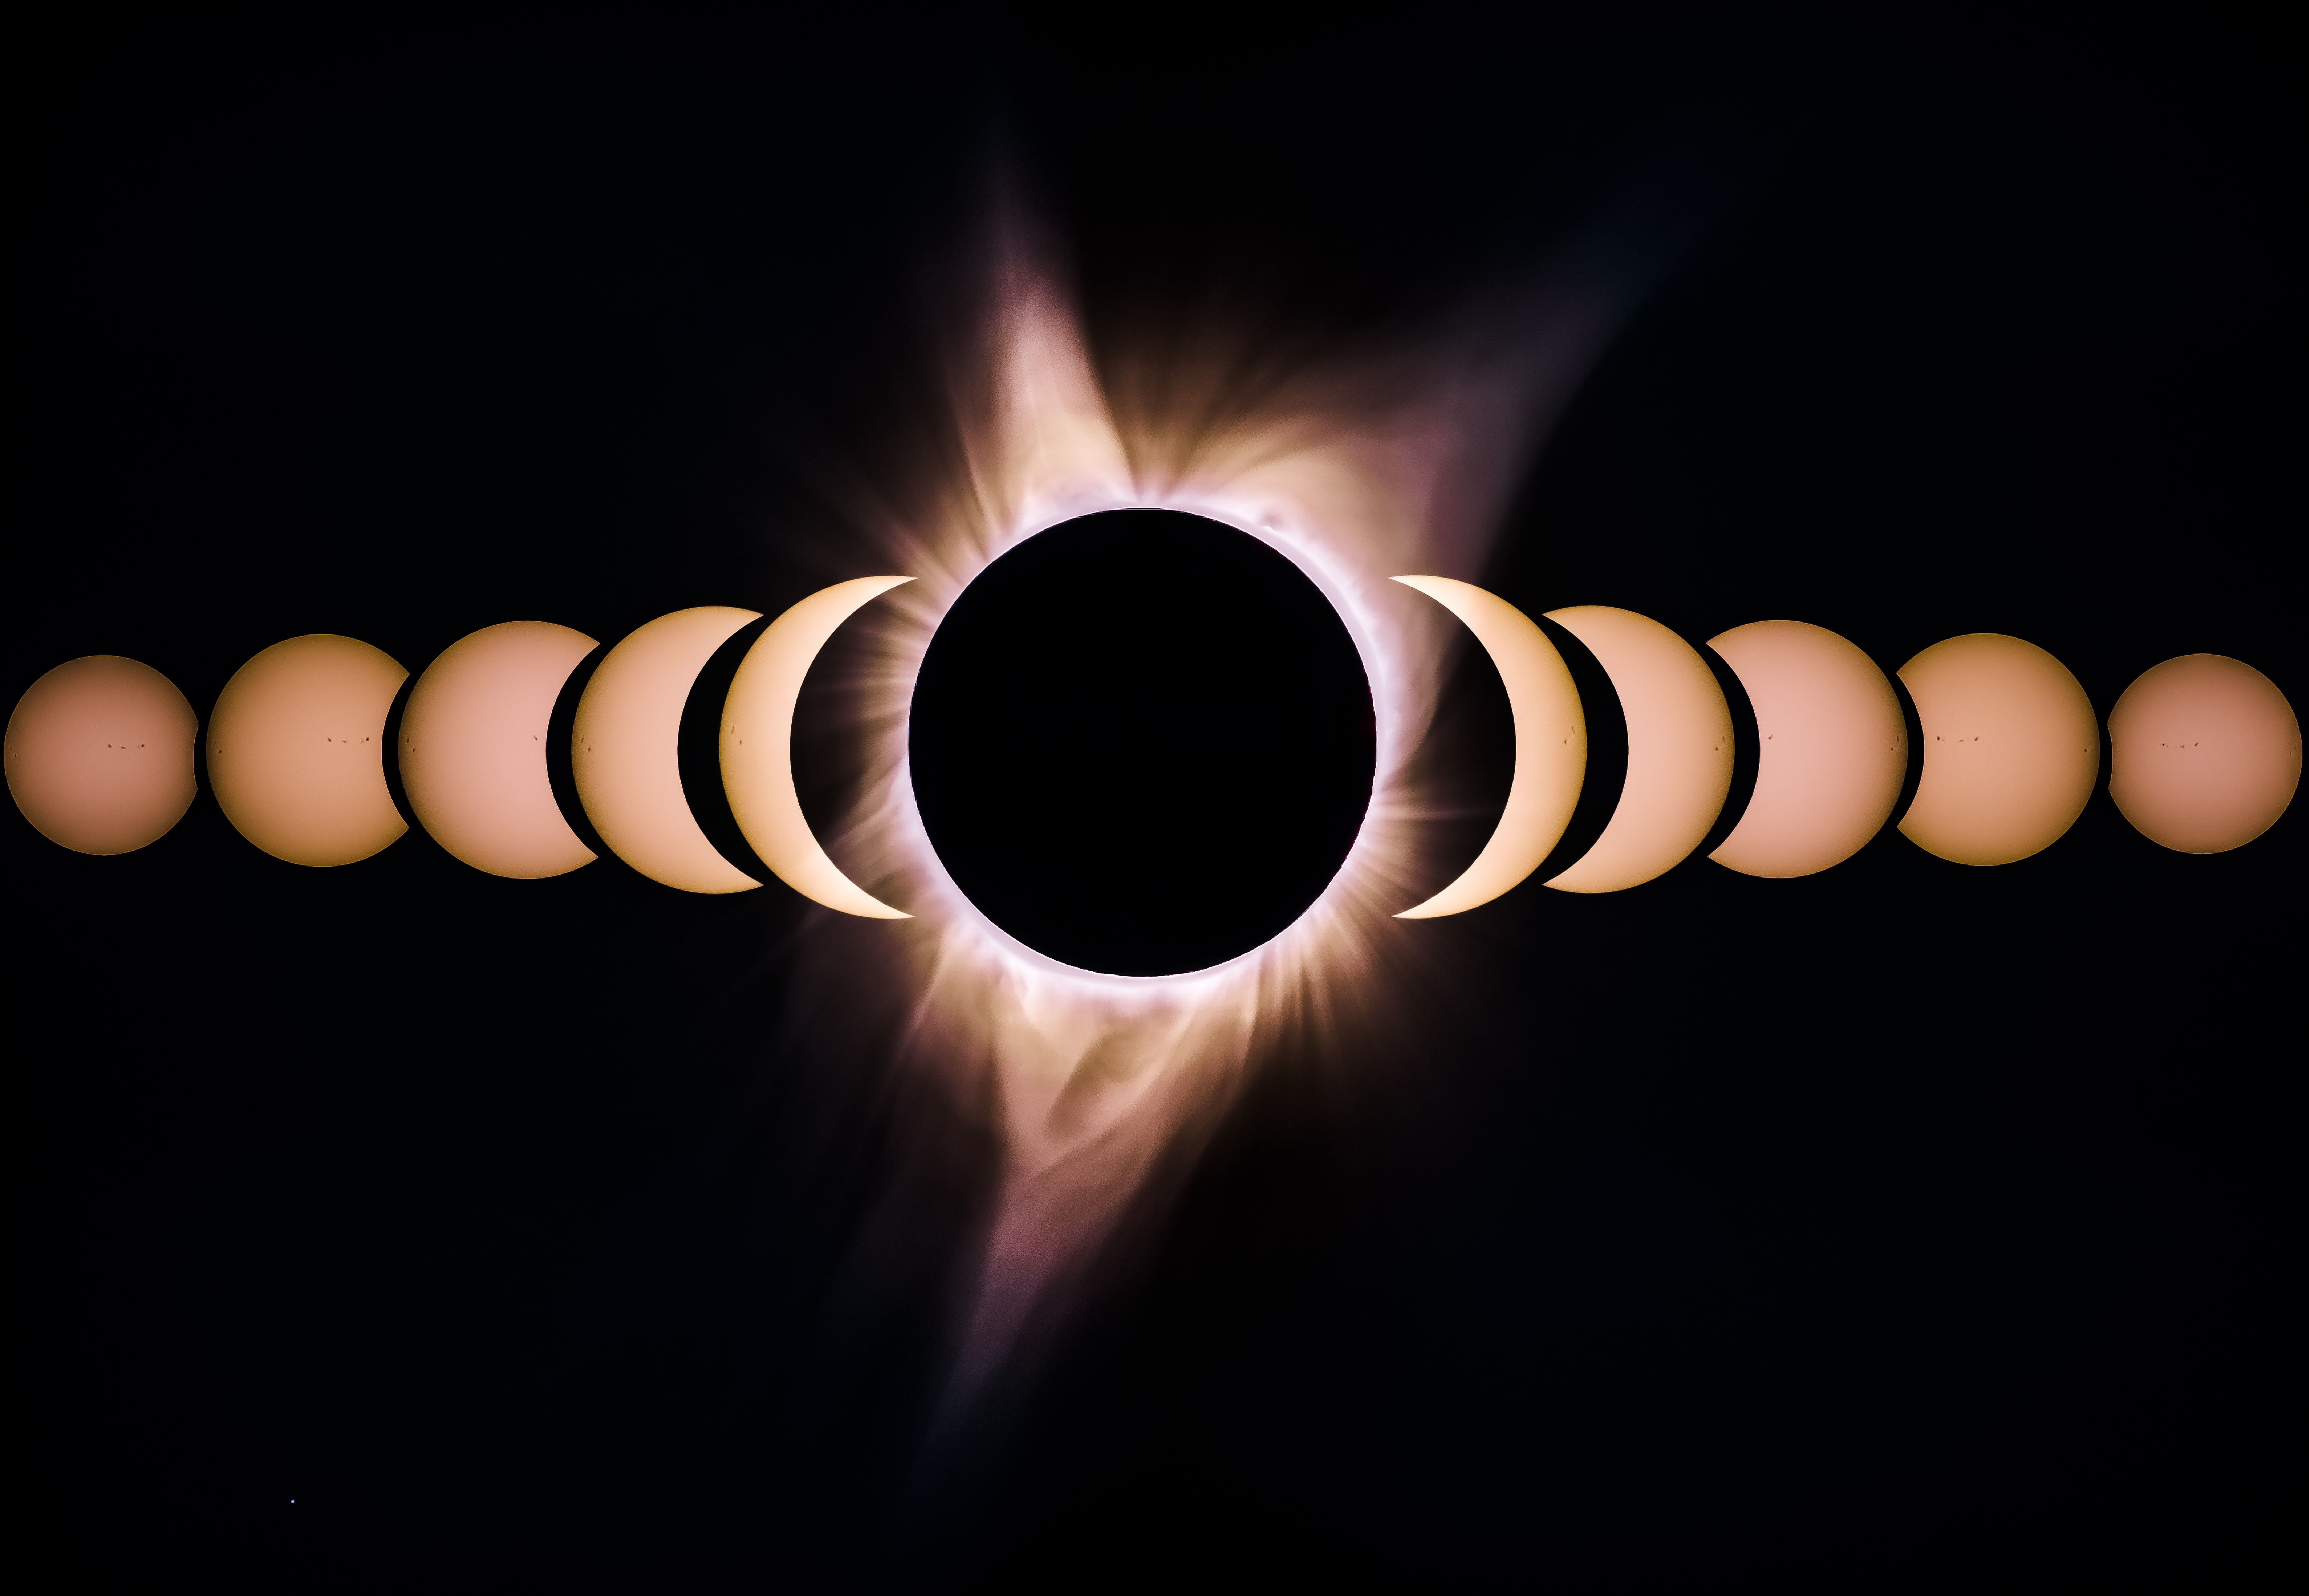 solar eclipse 3D wallpaper